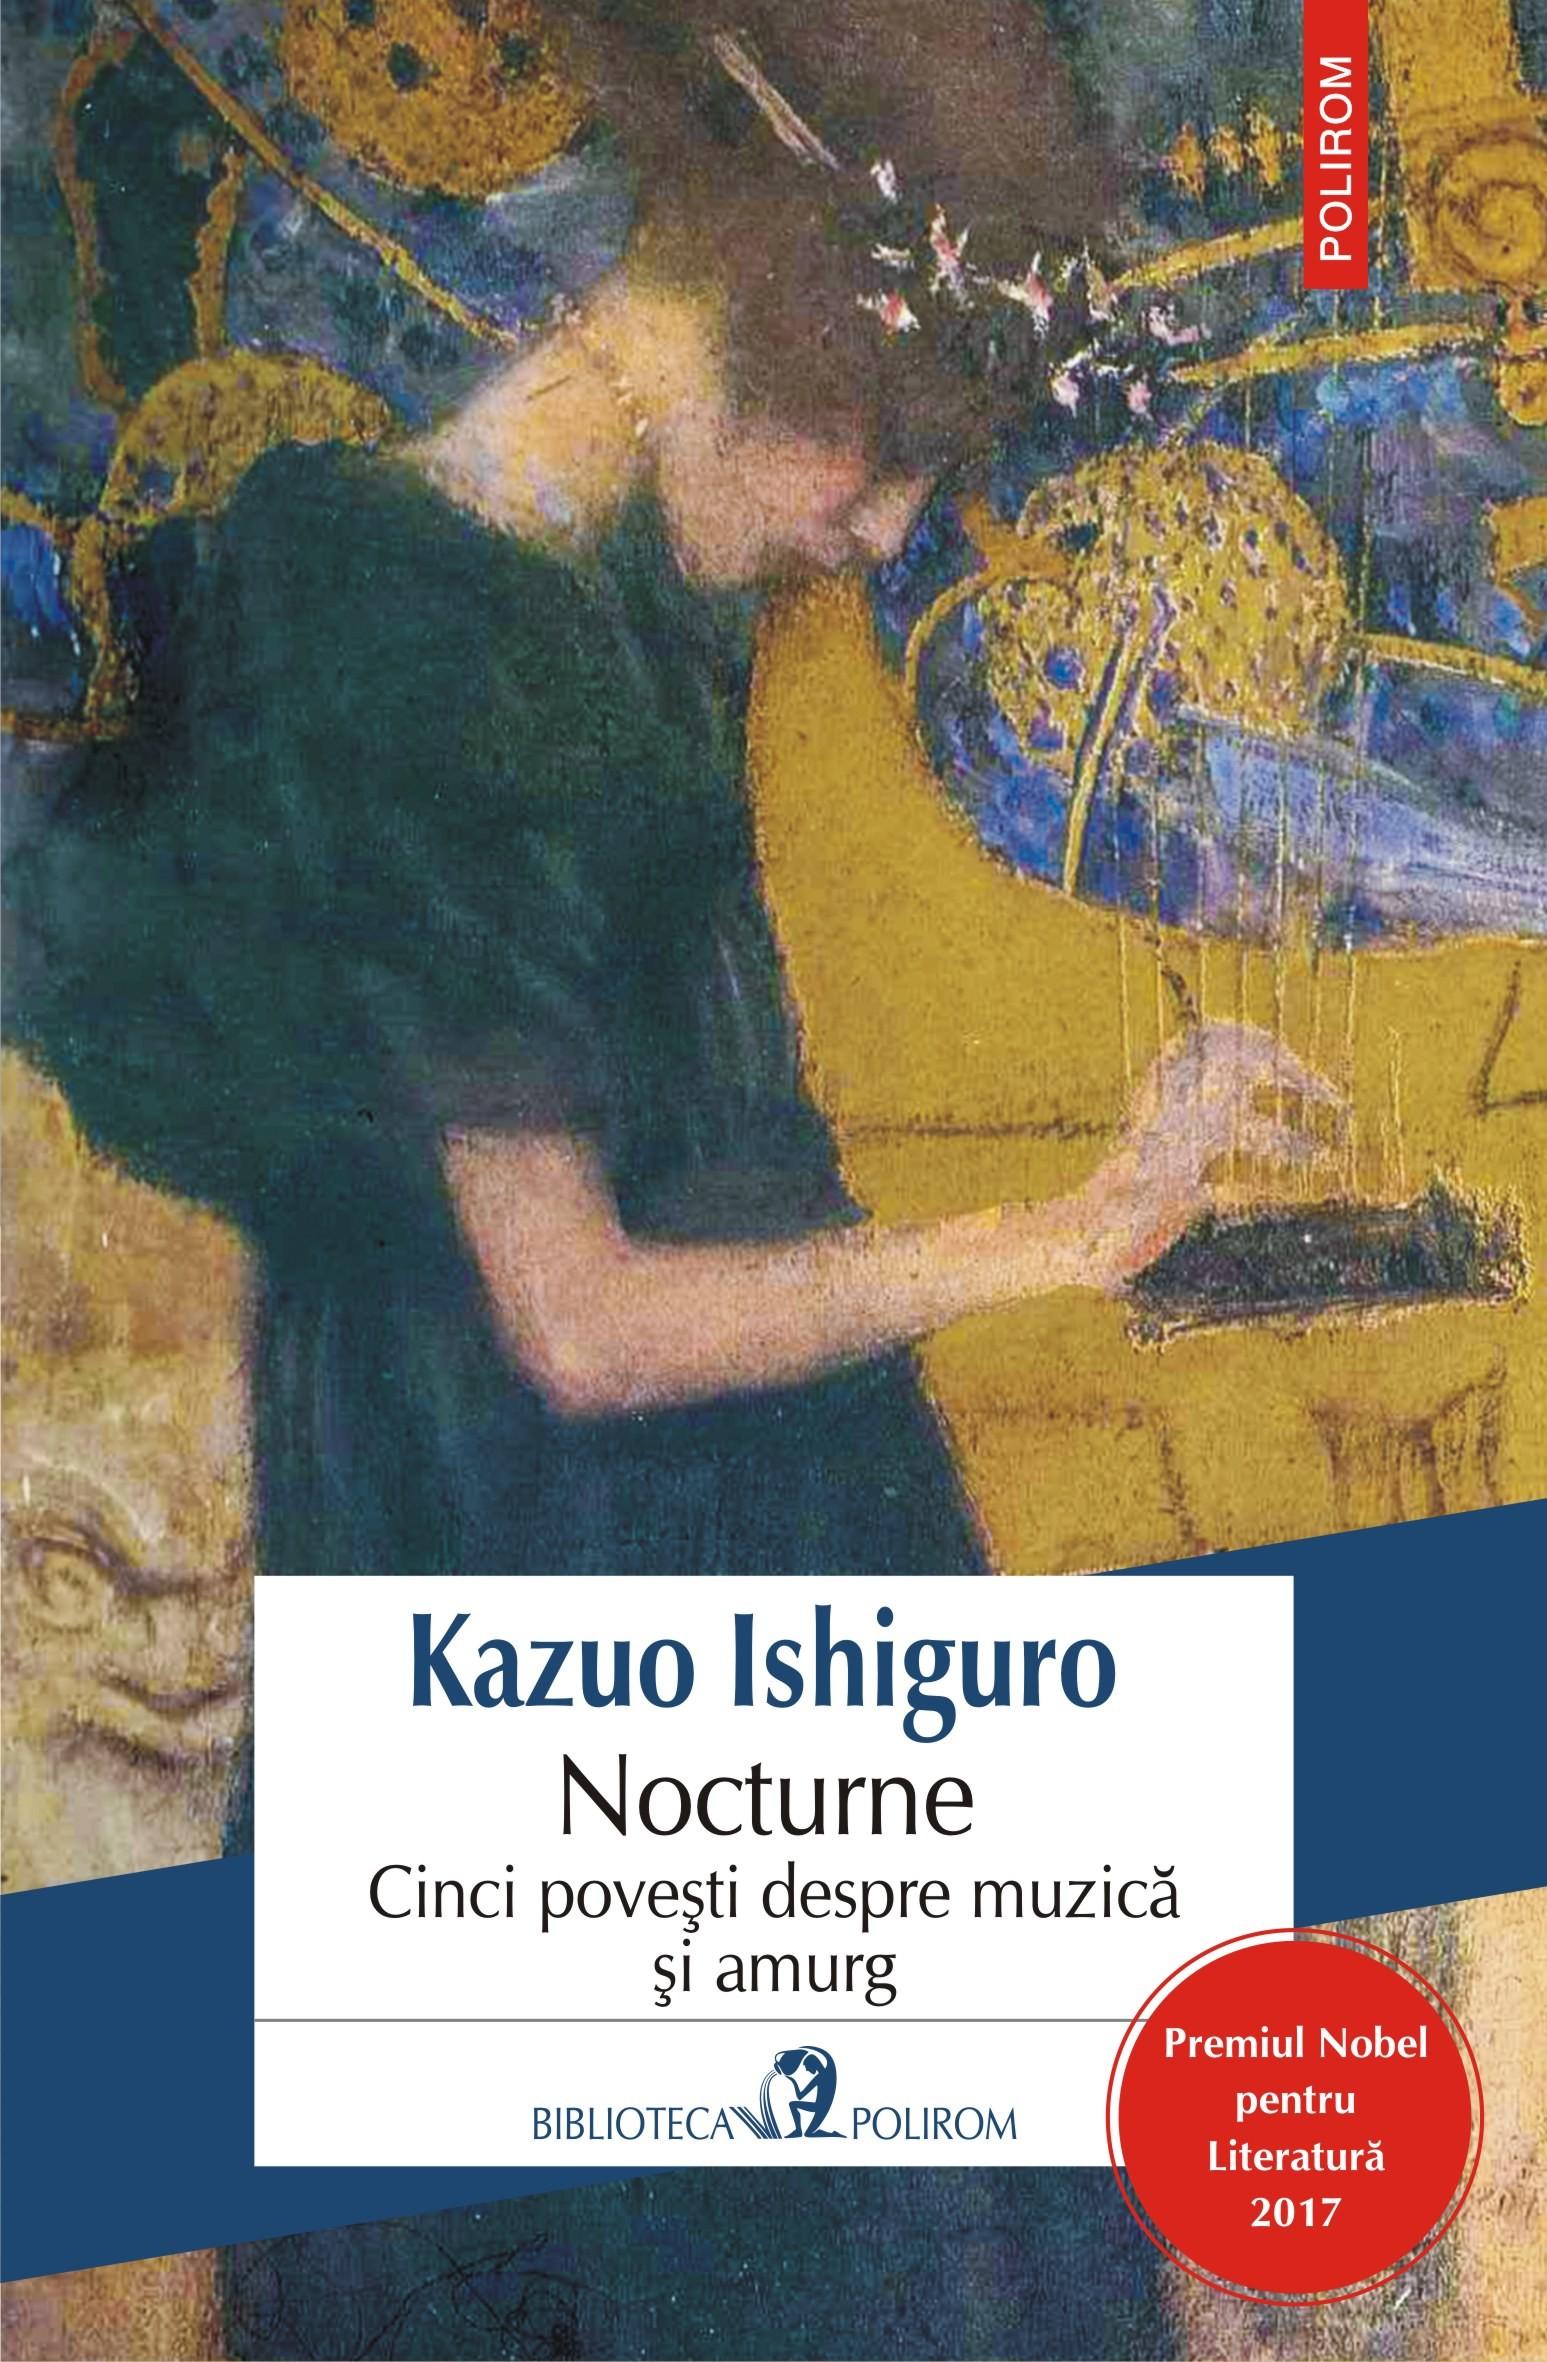 PDF ePUB Nocturne. Cinci povesti despre muzica si amurg de Kazuo Ishiguro